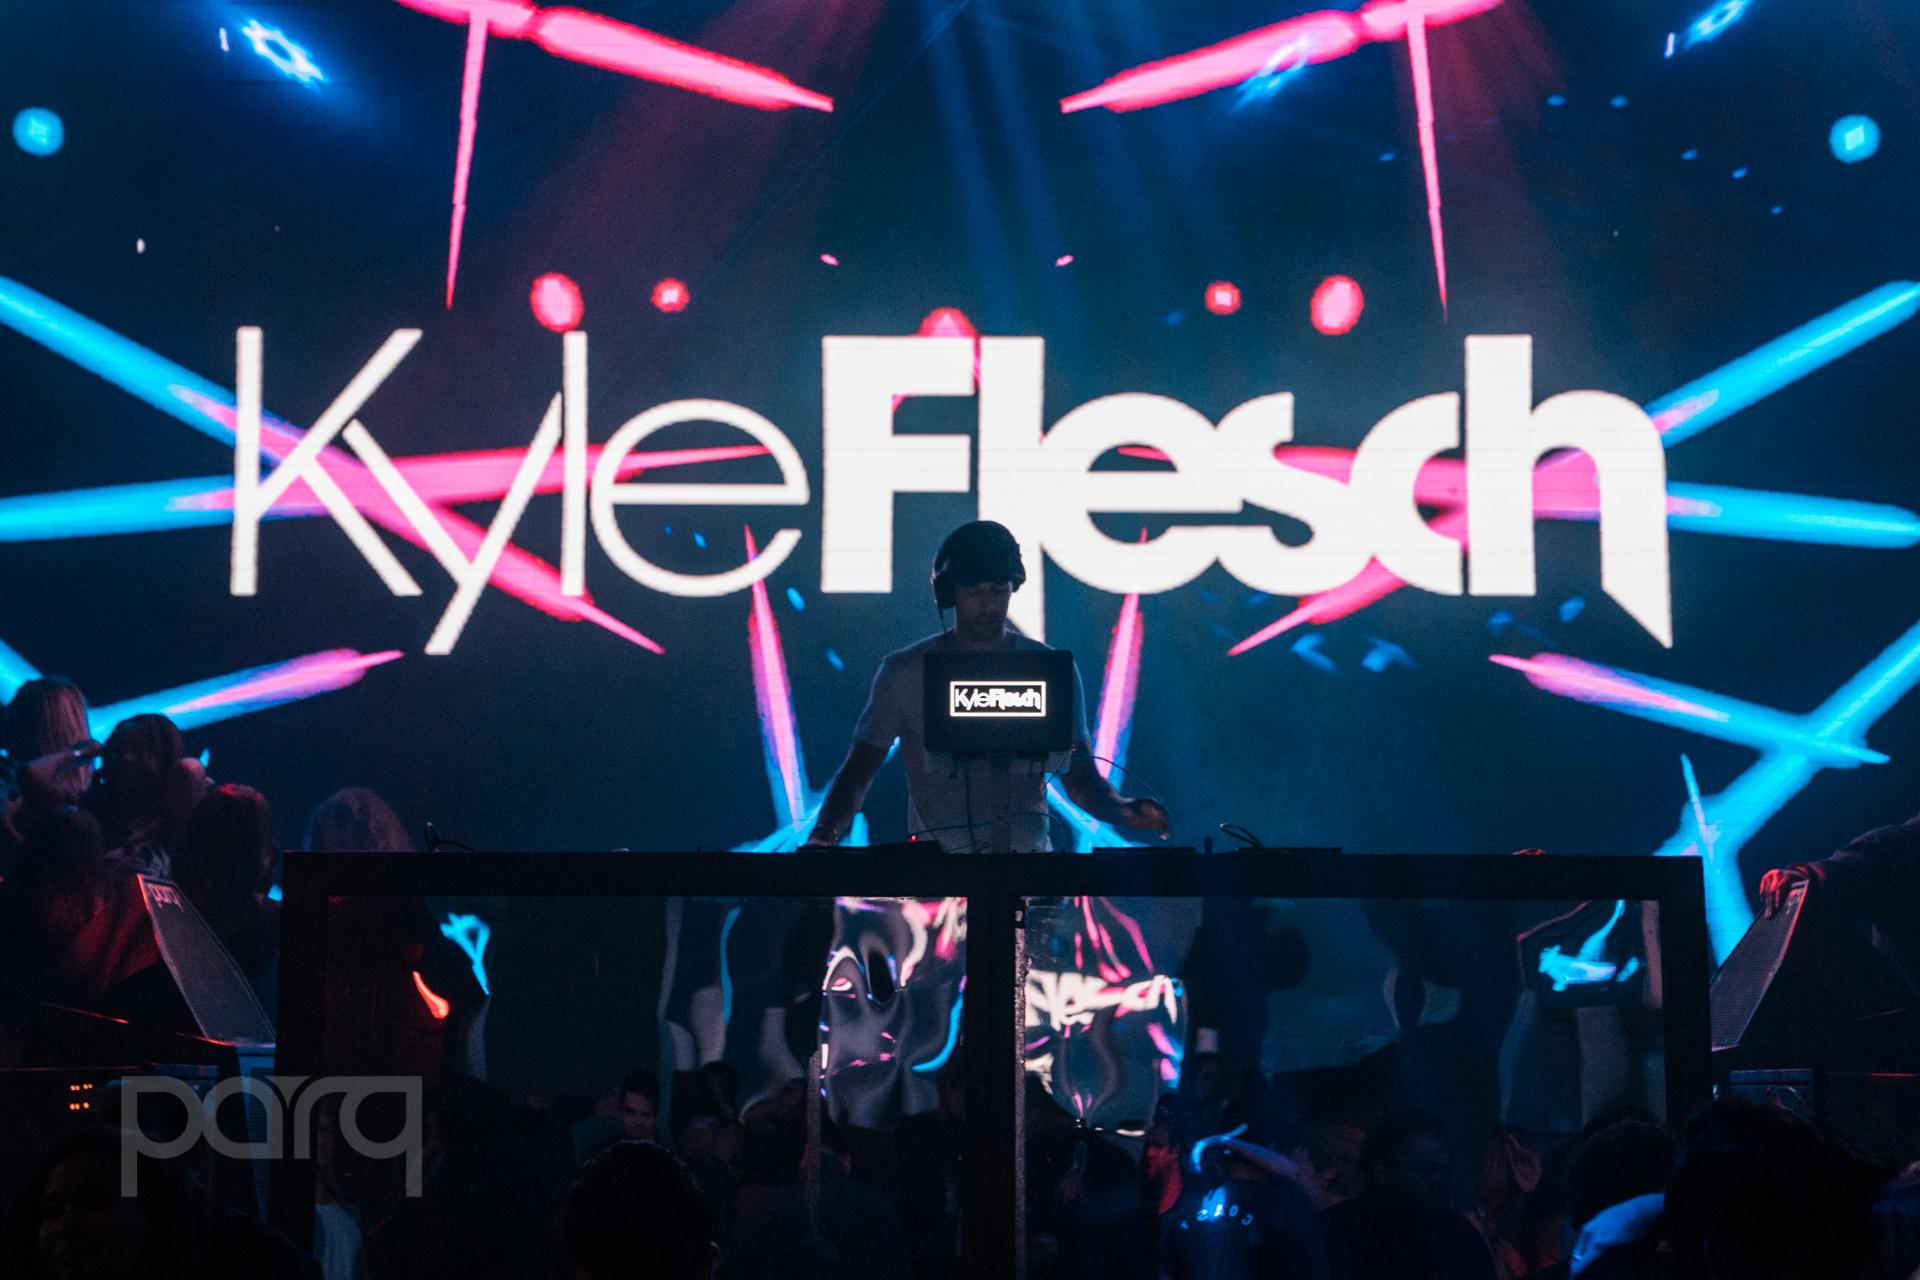 11.03.17 Parq - Kyle Flesch-21.jpg